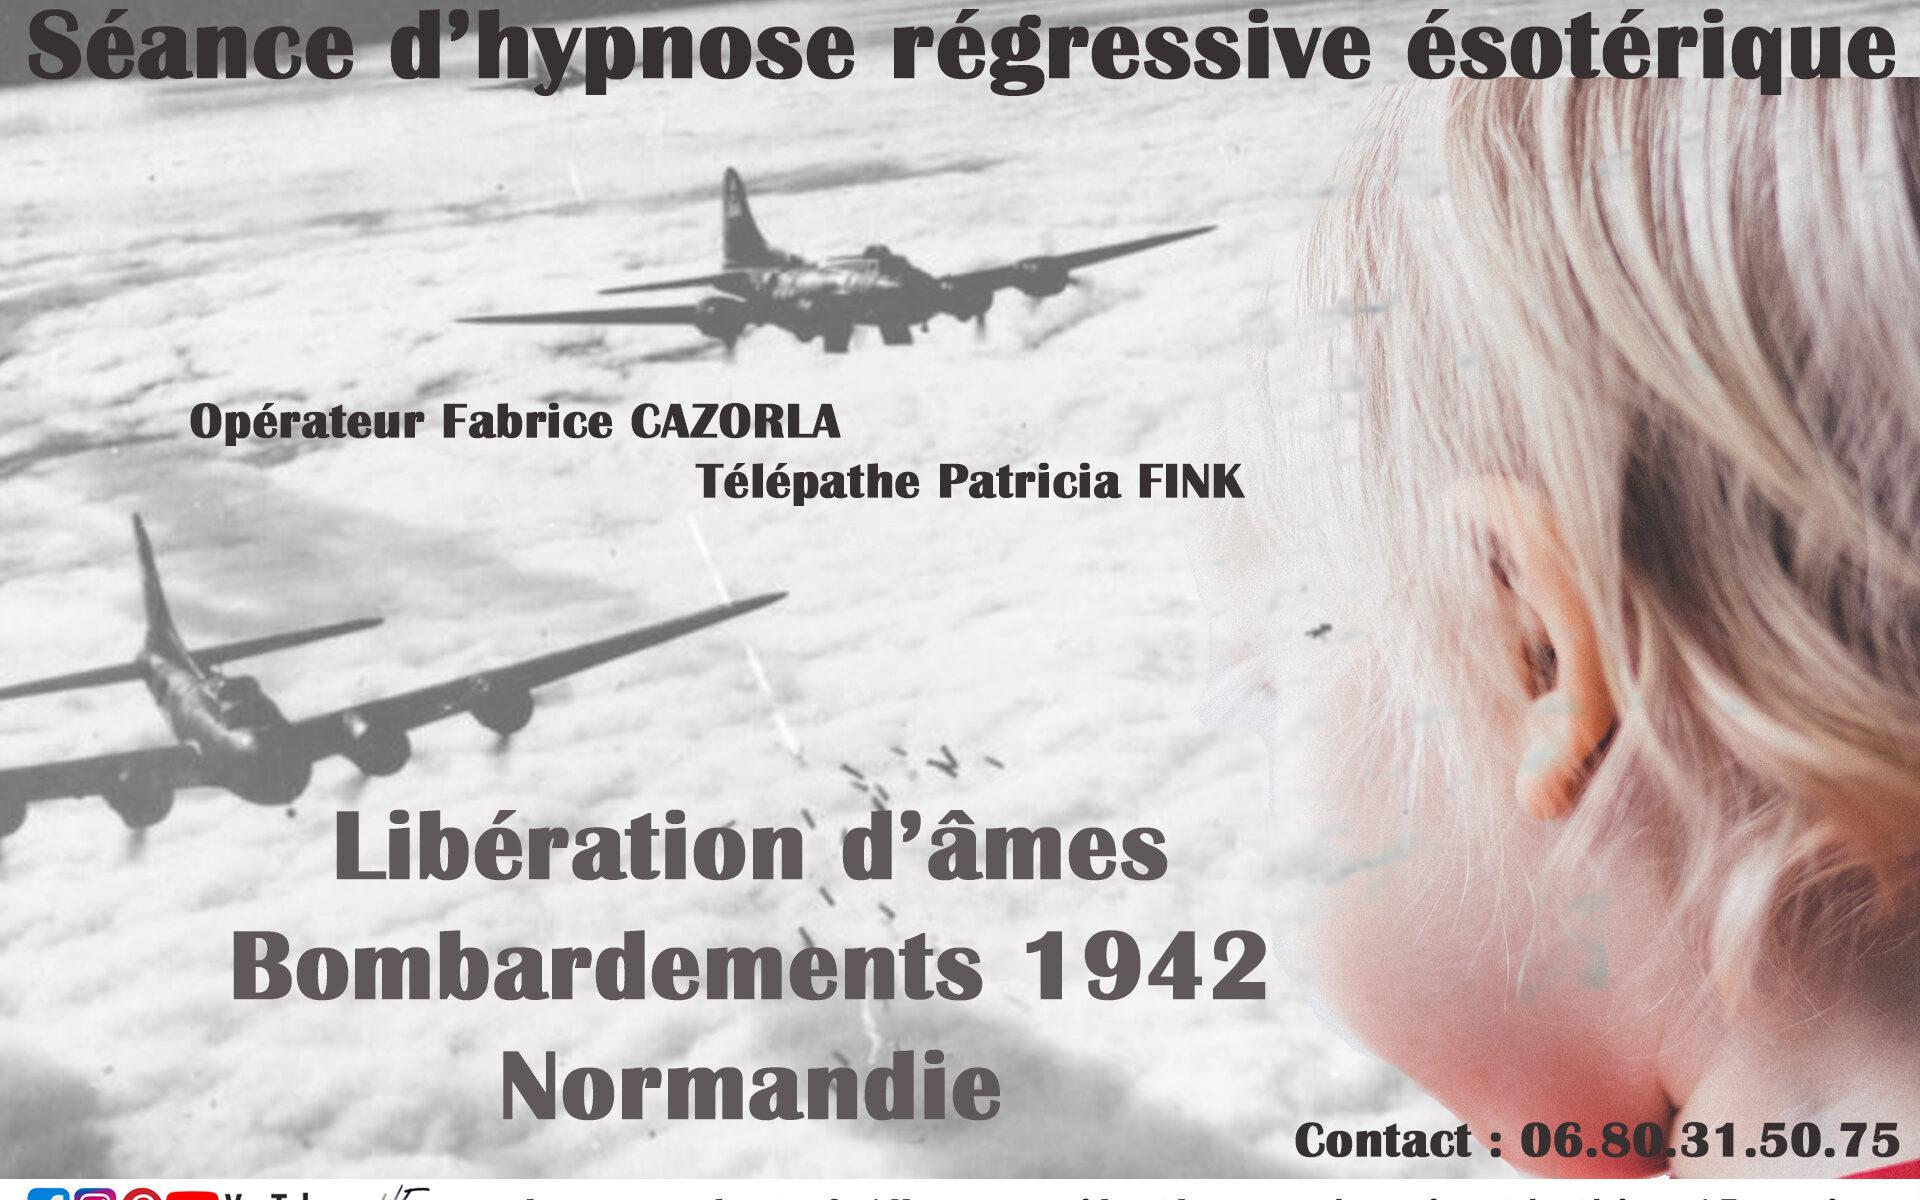 Hypnose régressive : Libération d'âmes bloquées lors du bombardement de 1942 en Normandie par fabrice cazorla